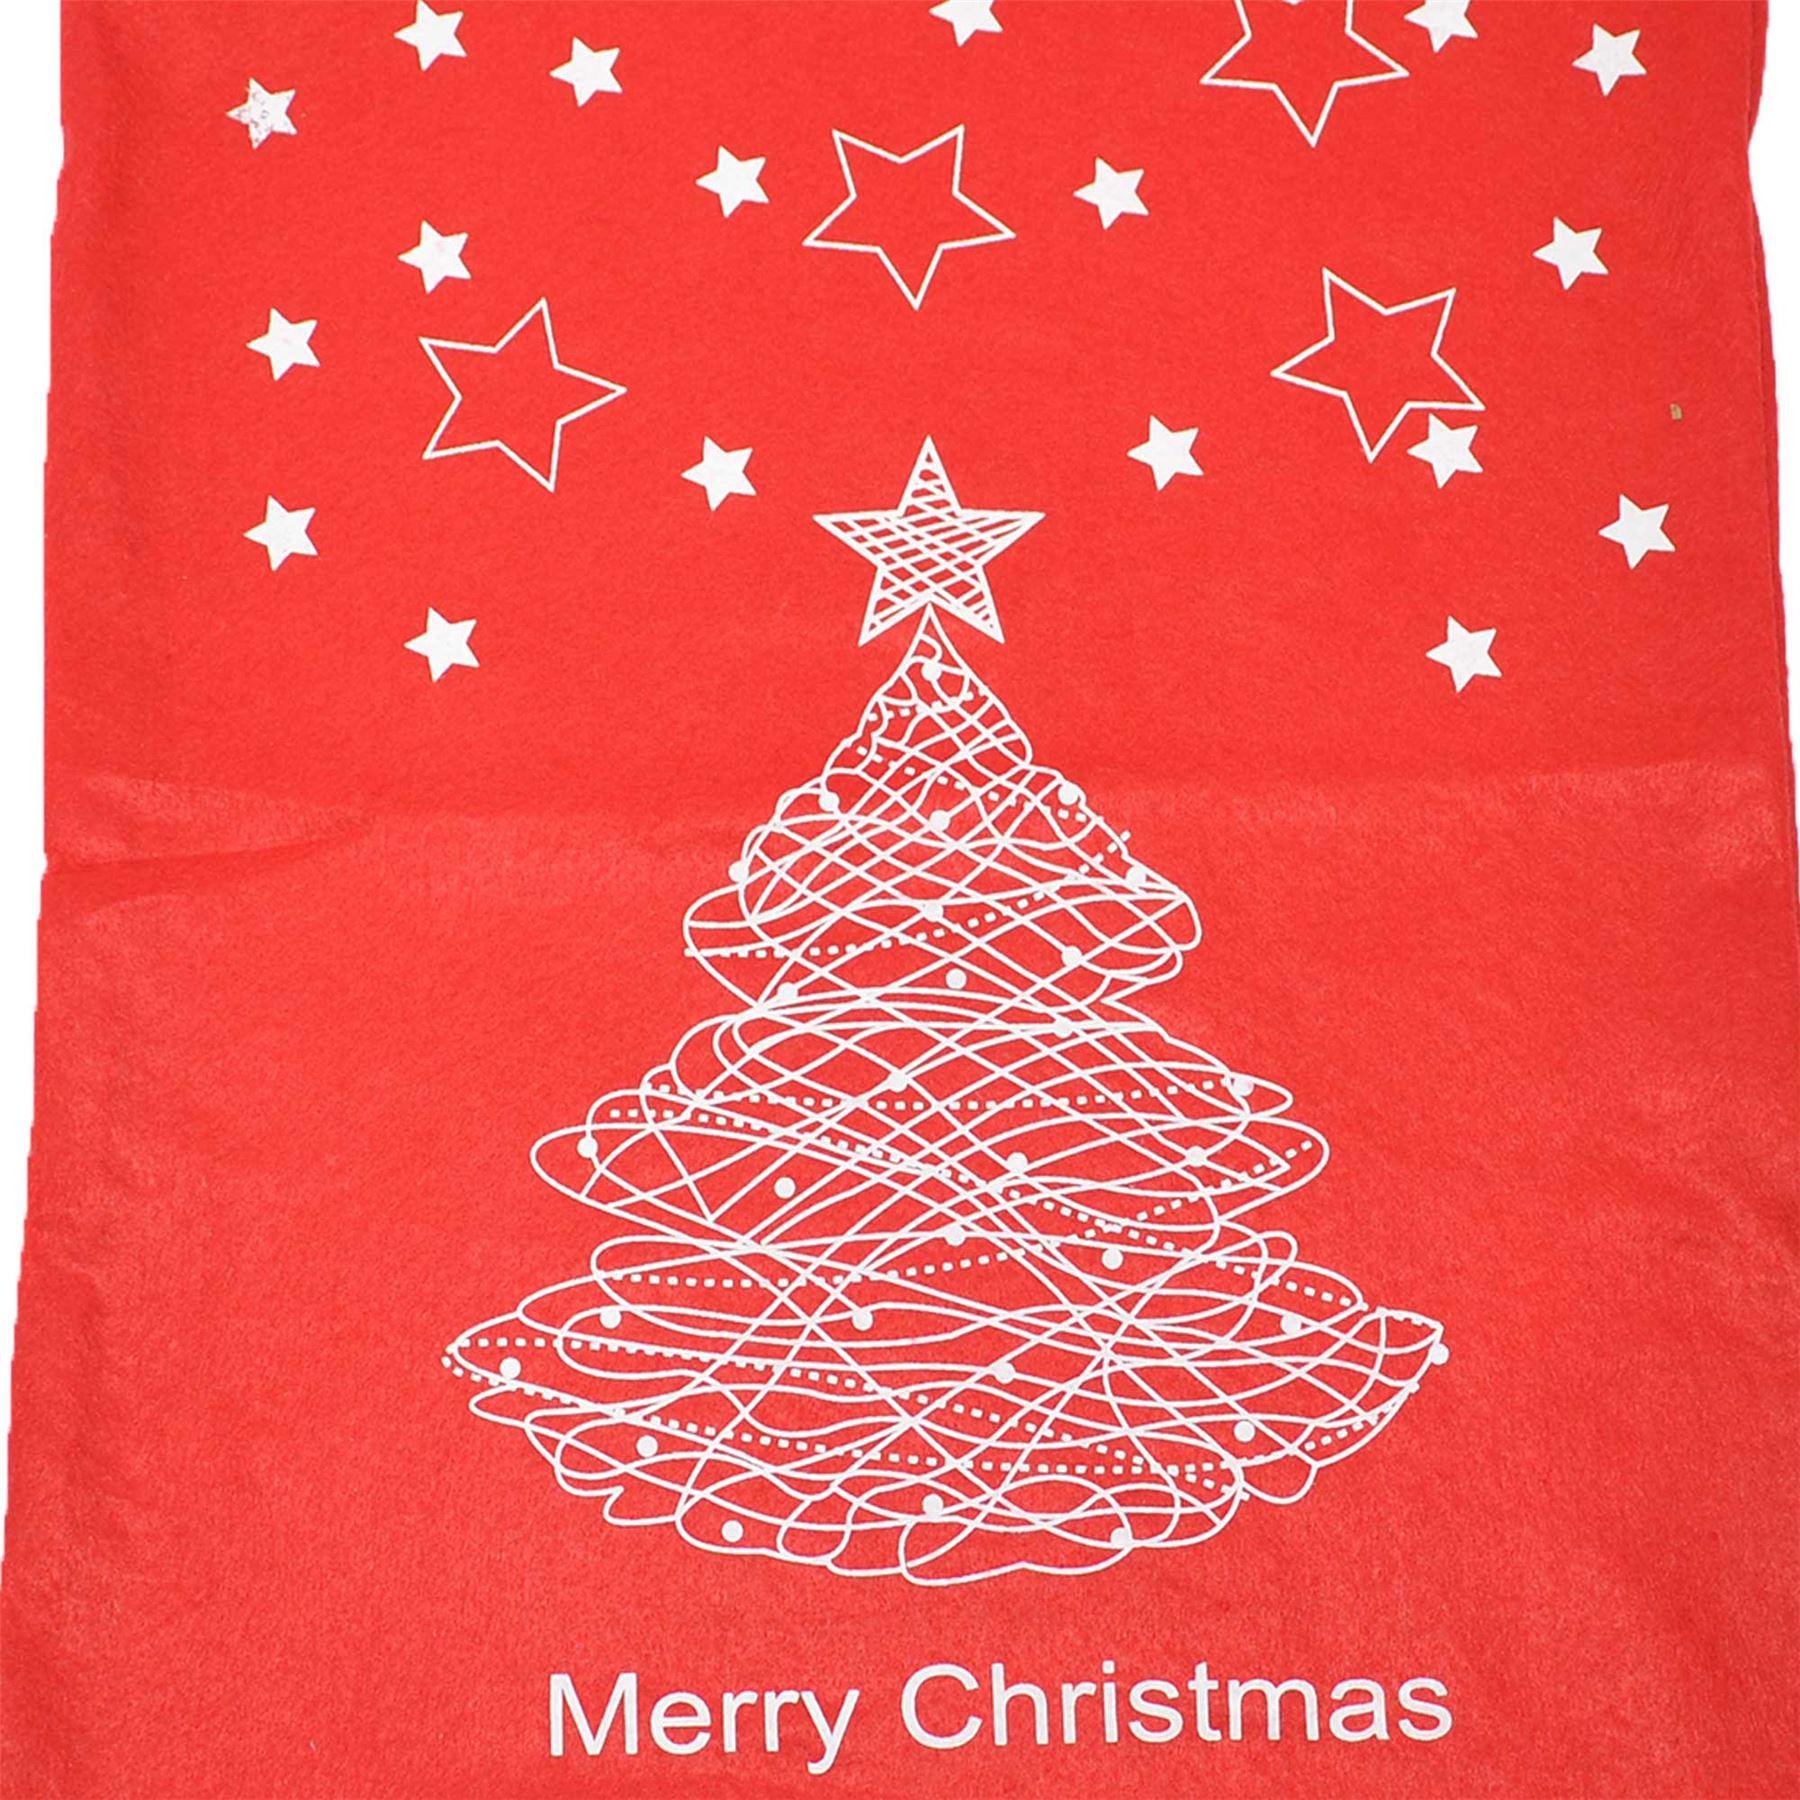 Feltro-Rosso-Buon-Natale-Babbo-Natale-Sacco-Grande-Calza-Natale-Regali-Regalo-Borse miniatura 8